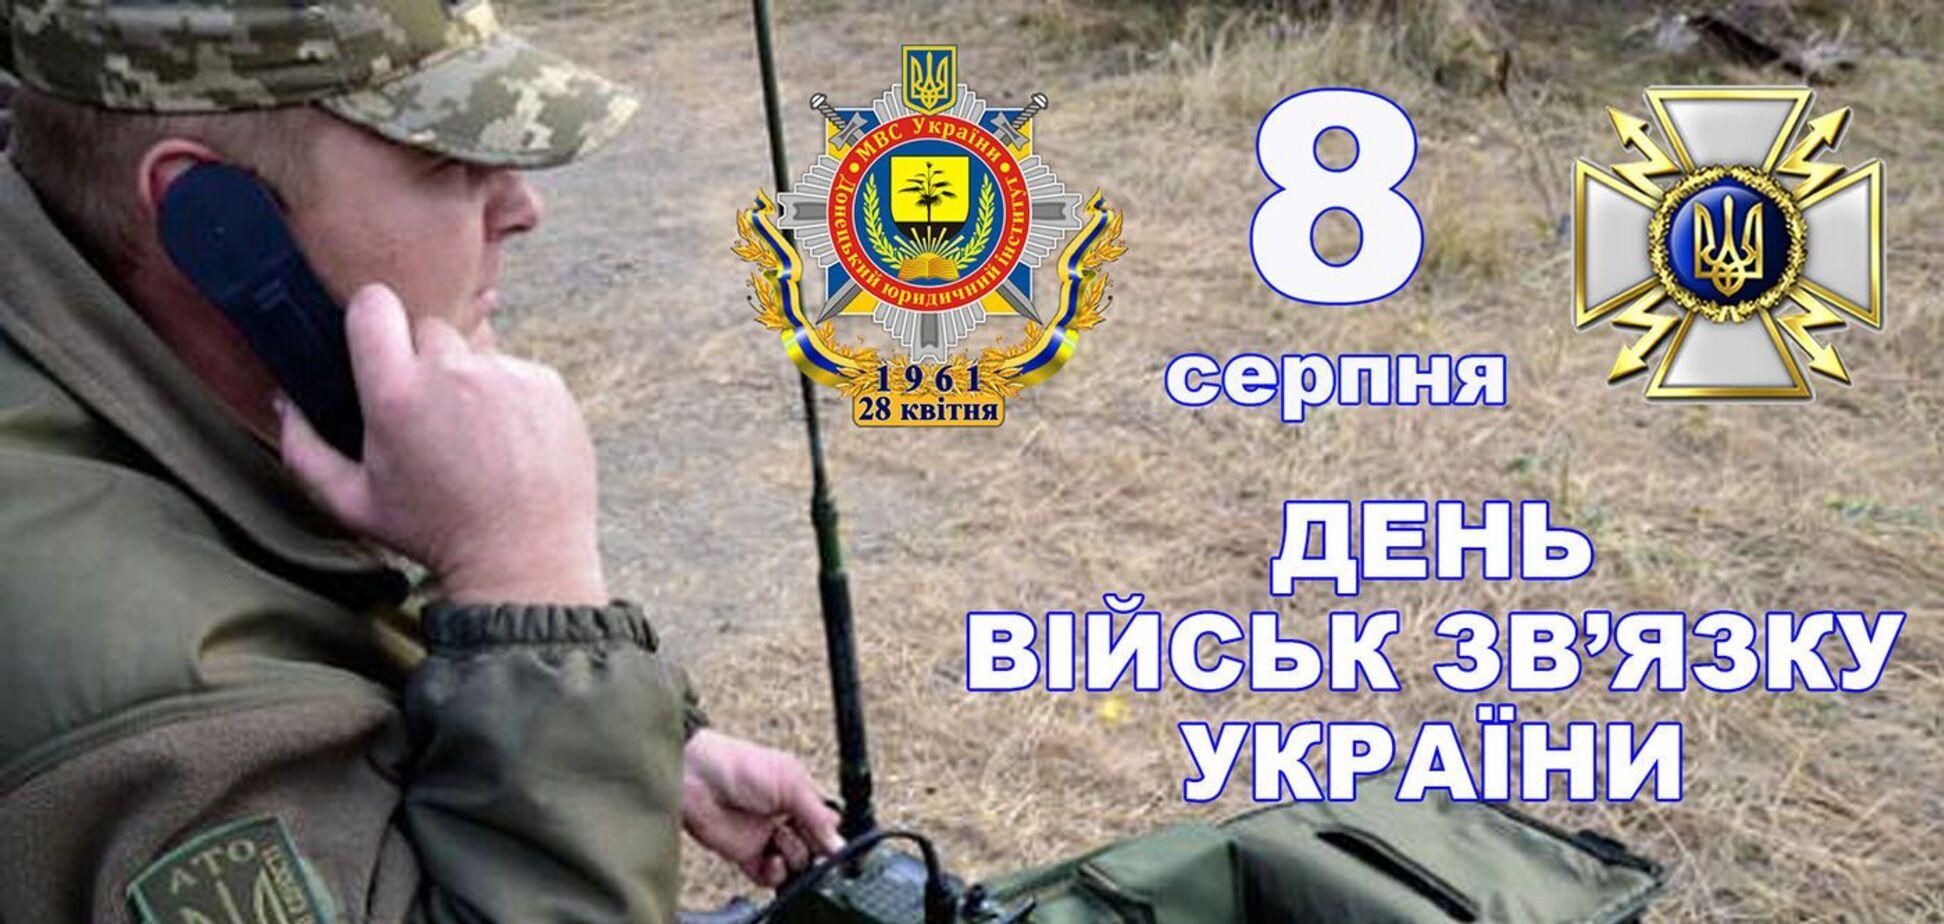 З Днем військ зв'язку України 2021